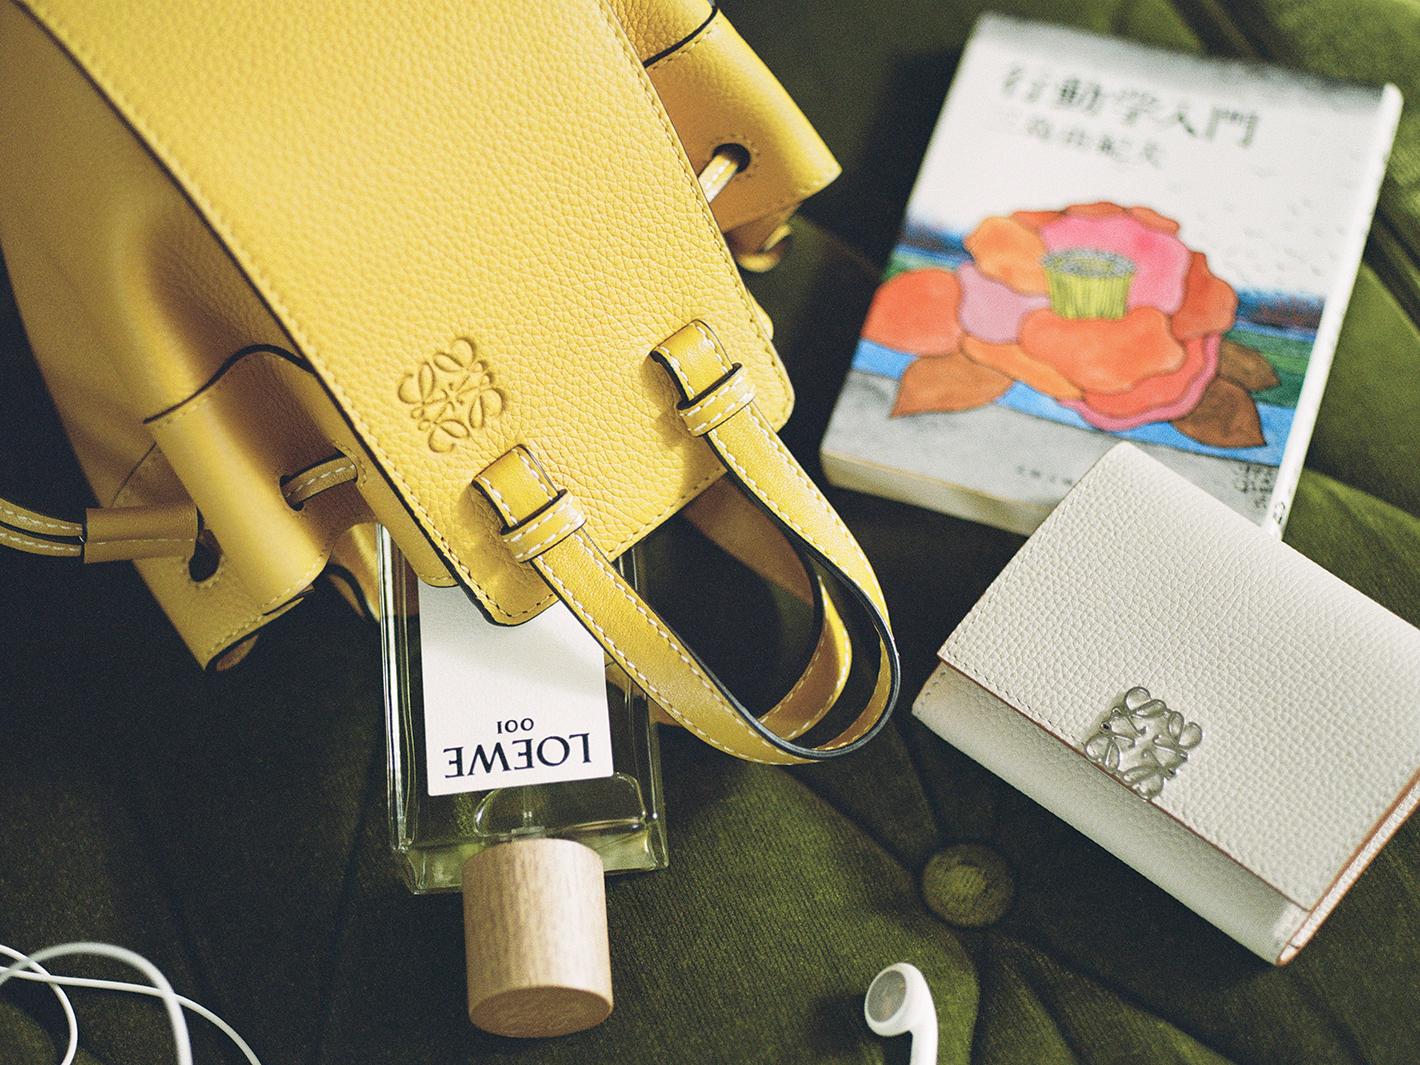 シャラ・ラジマのバッグの中身(提供写真)